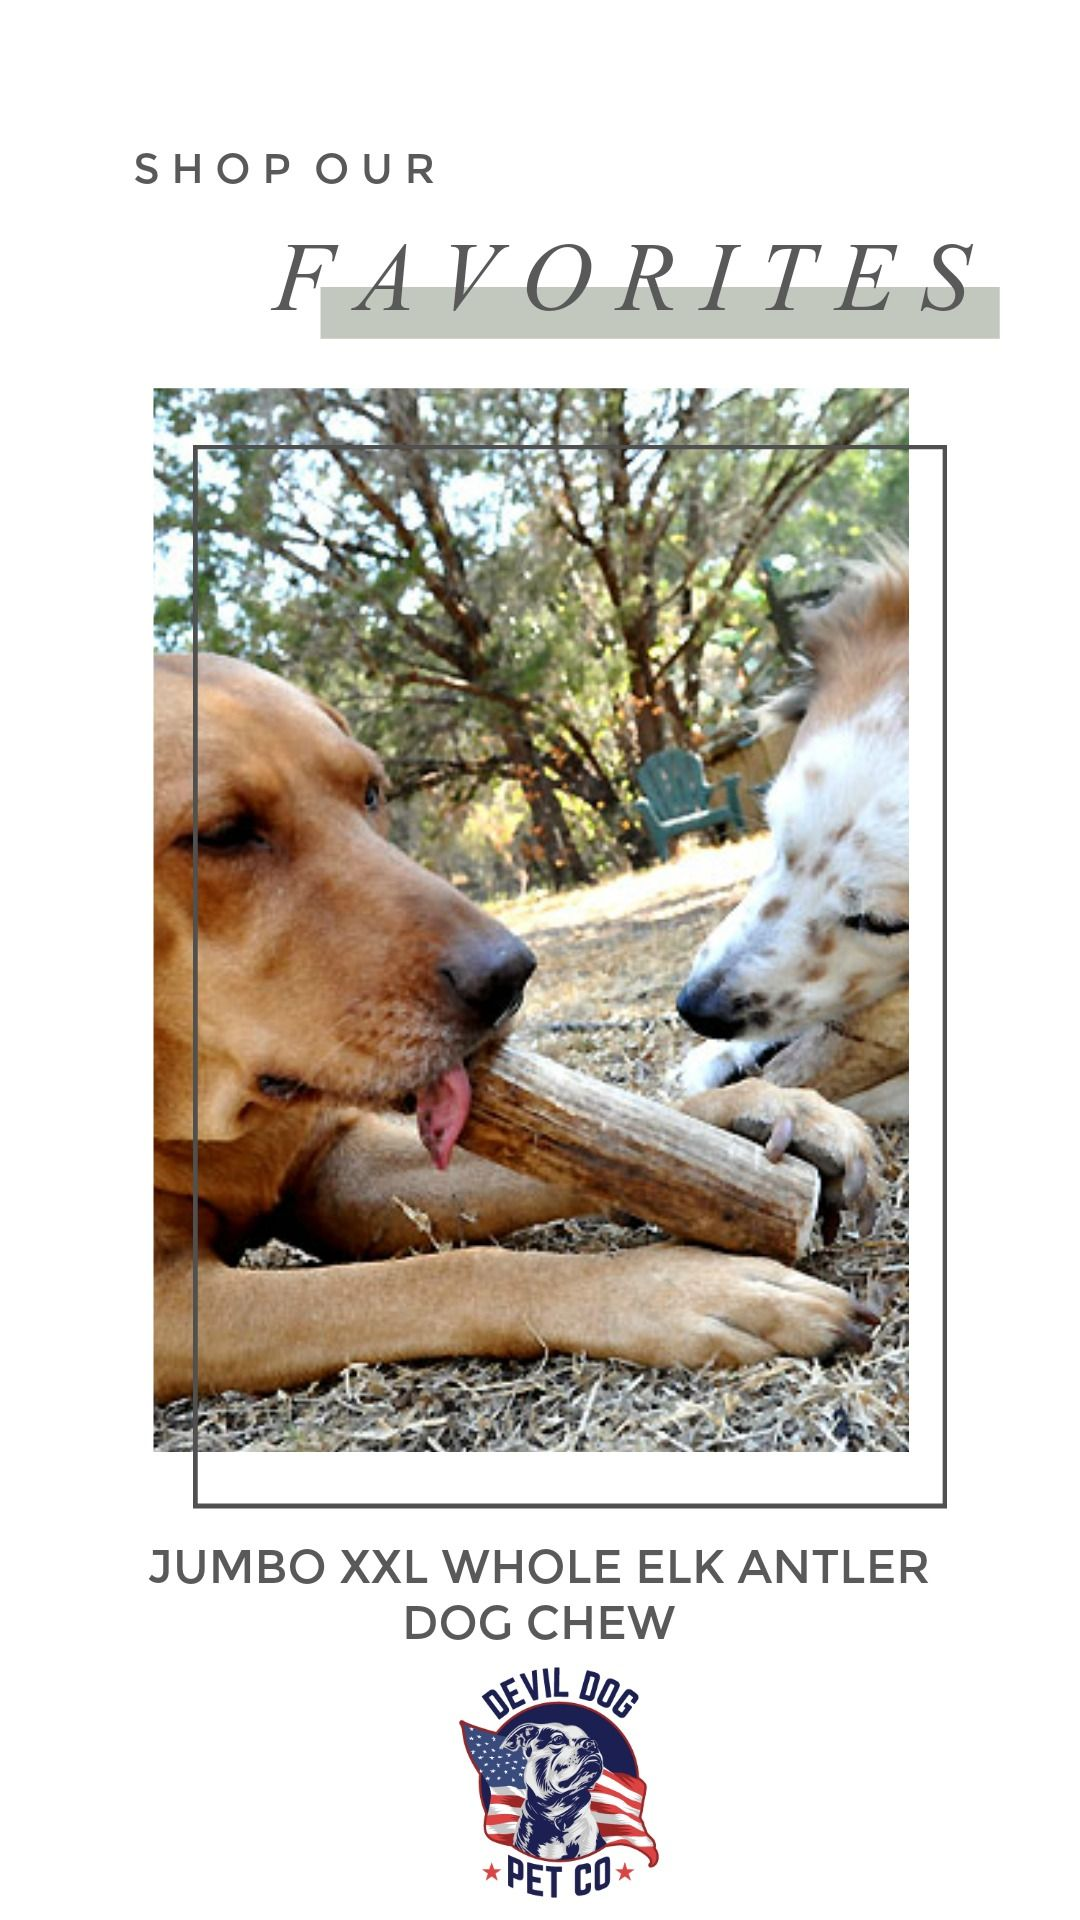 Jumbo Xxl Whole Elk Antler Dog Chew Antler Dog Chew Dog Chews Elk Antlers